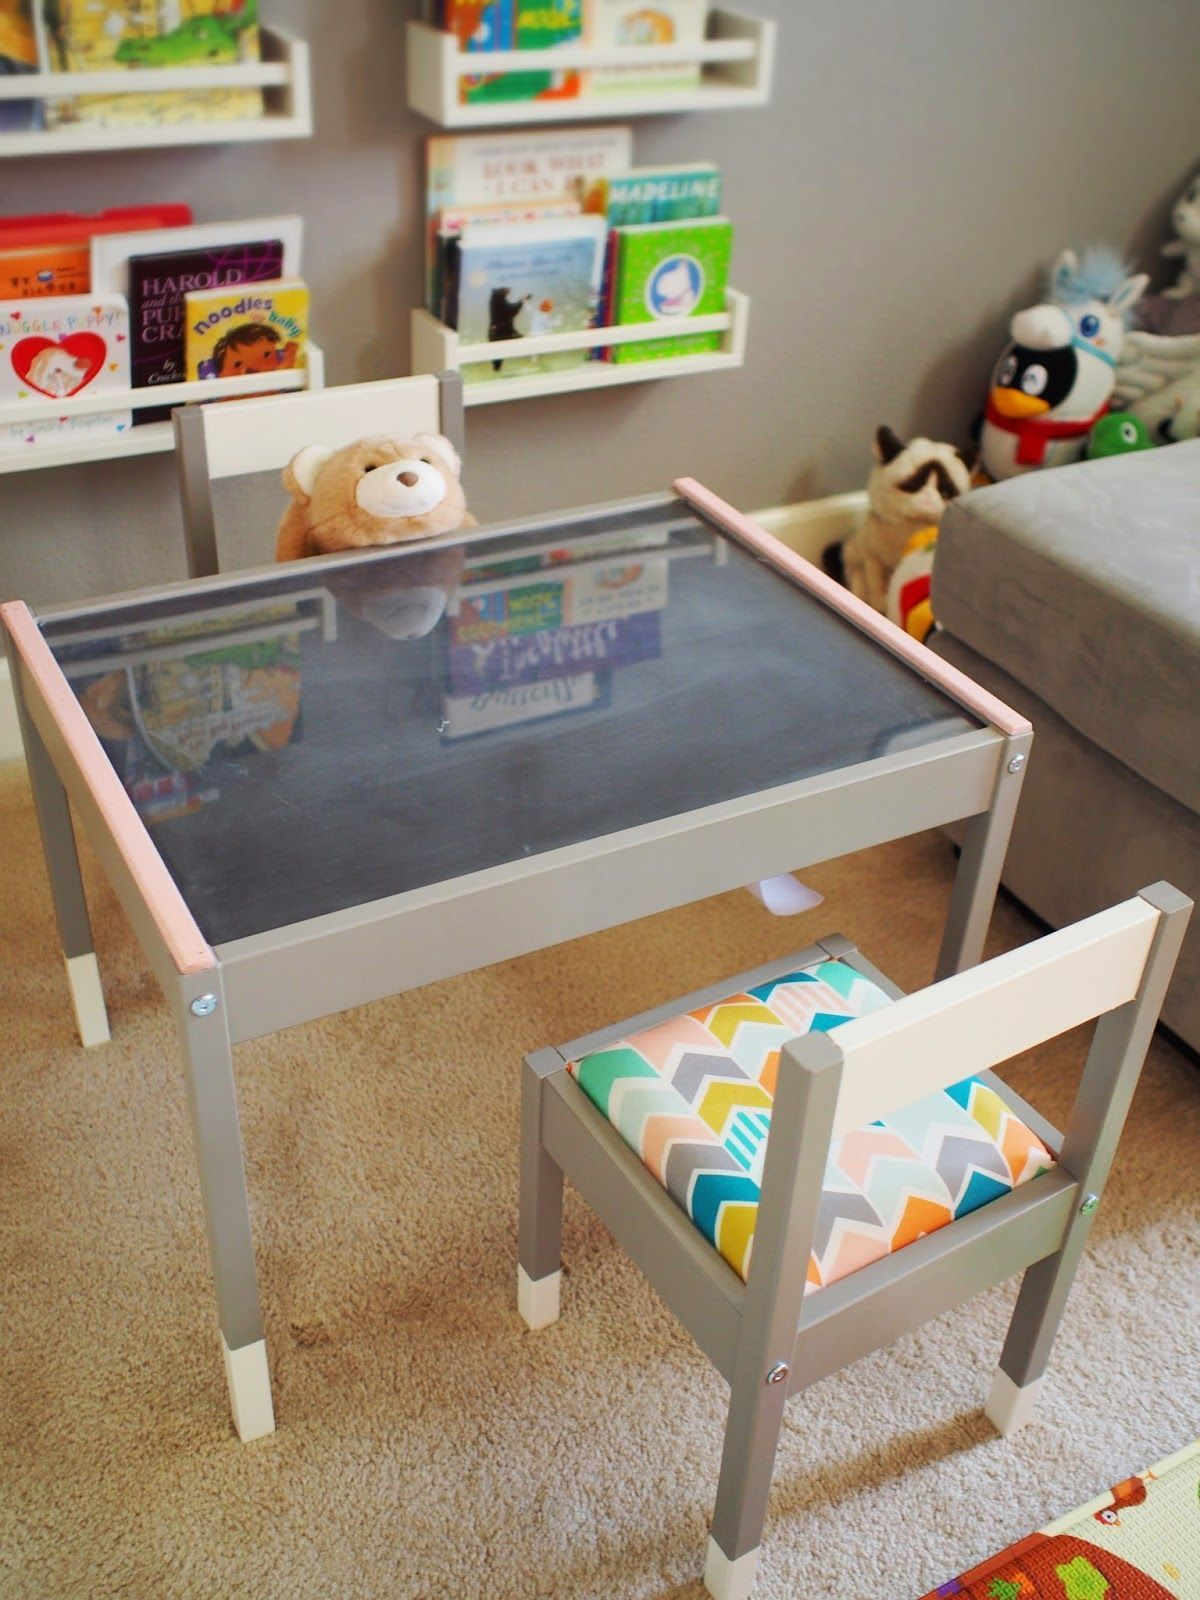 Neueste Kostenlos Chibitofu Als Neuer Spieltisch Ein Ikea Latt Hack Craft Chibitofu Als Neuer Spieltisch Ideen Deshalb H In 2020 Ikea Kids Ikea Tisch Kindertisch